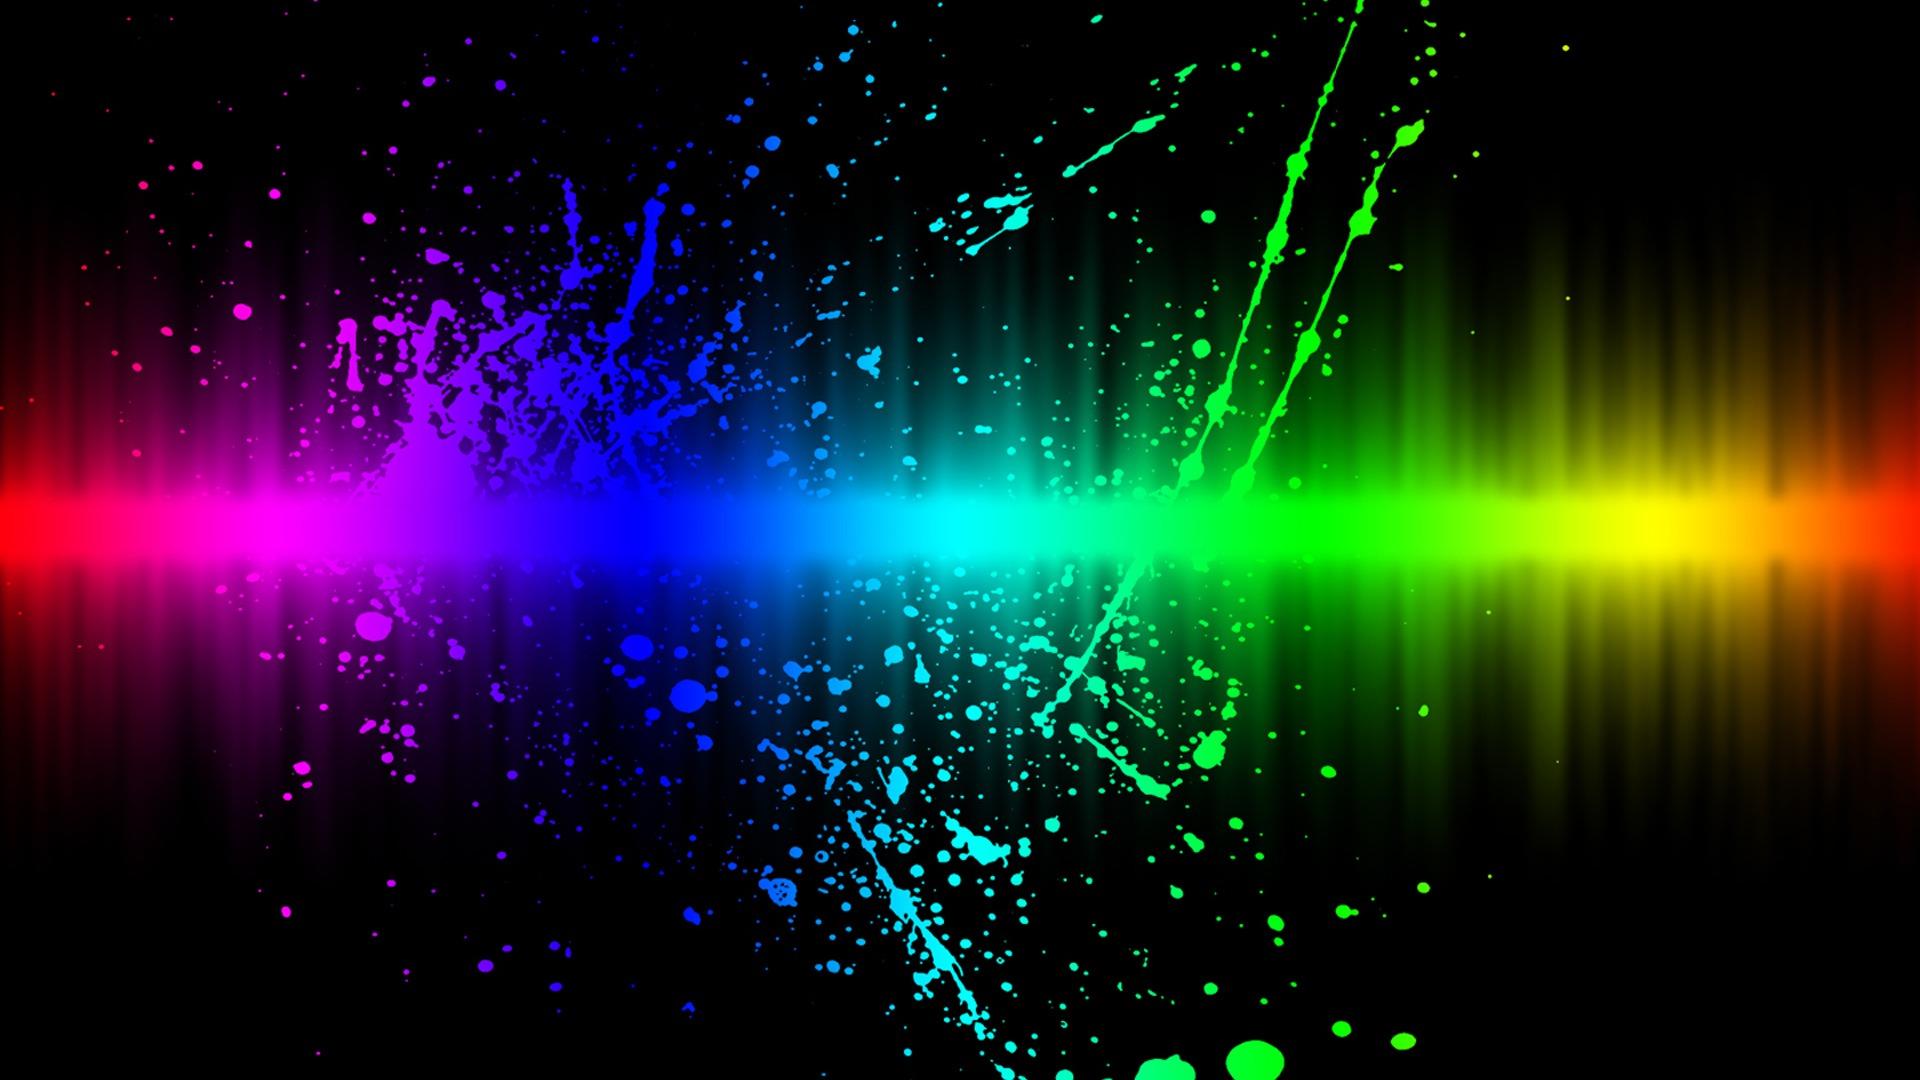 Neon Lights Wallpaper Full HD t050h   ARASPOTcom 1920x1080